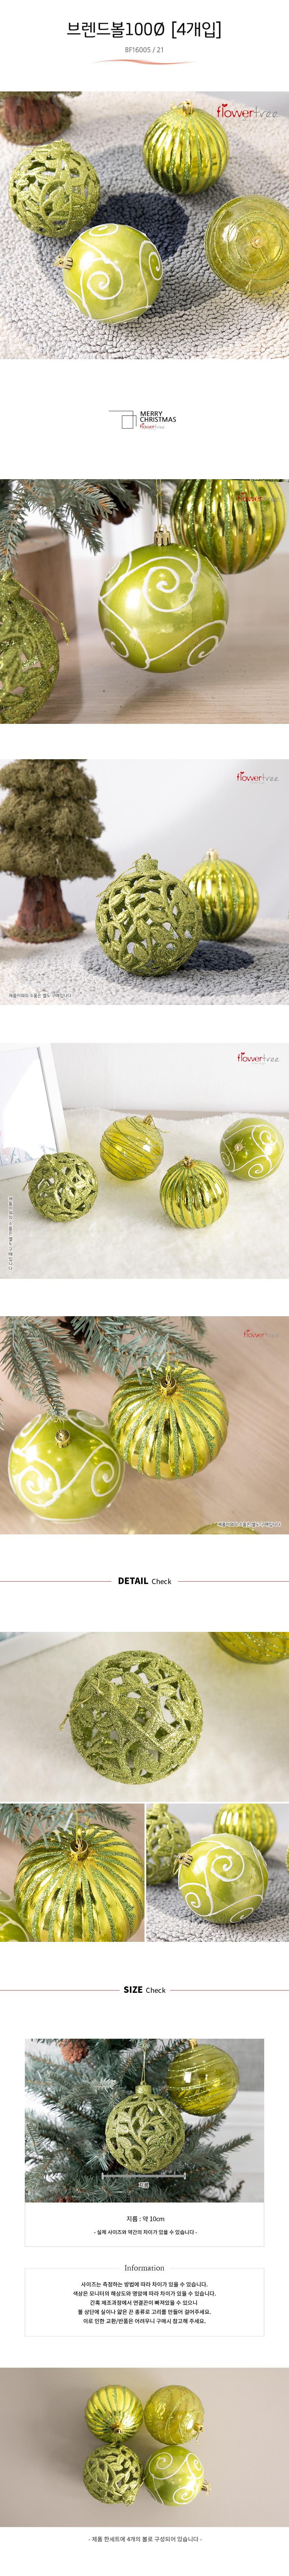 브렌드볼 100mm (4개입) 트리 크리스마스 장식TRBALC - 플라워트리, 7,200원, 장식품, 크리스마스소품